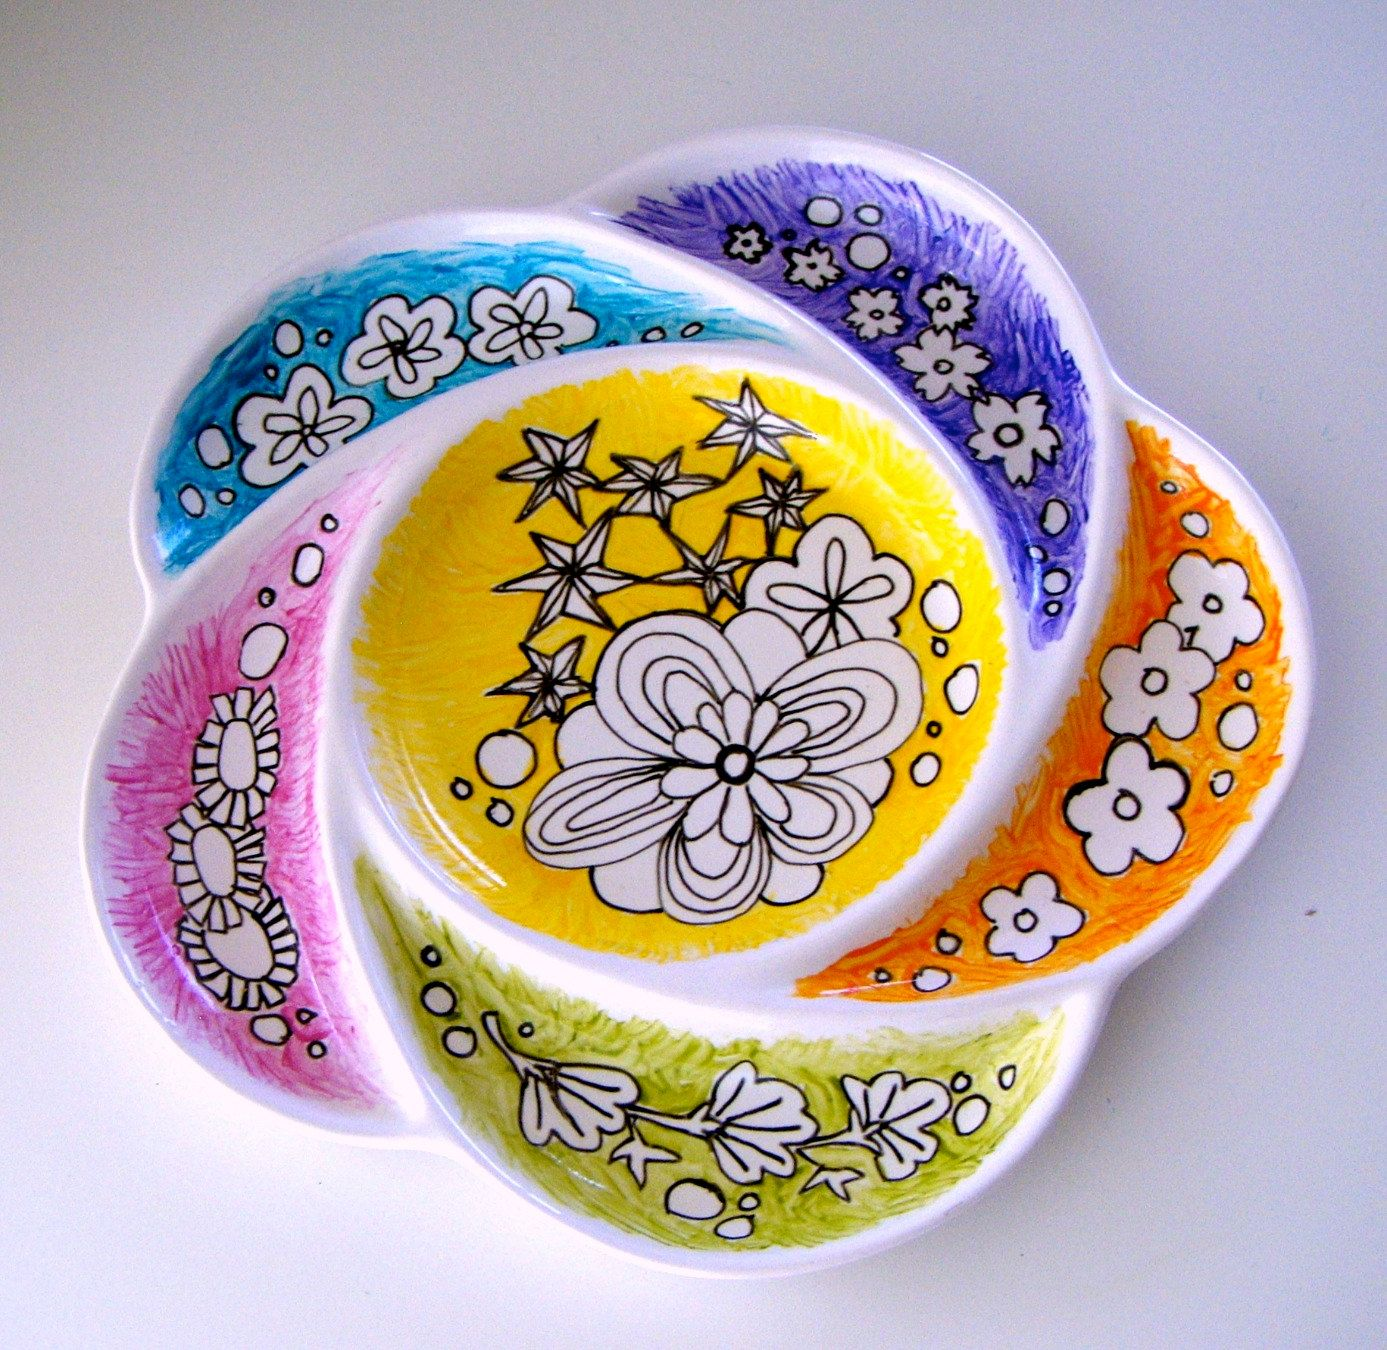 Ceramic Plate Serving Platter Flower  sc 1 st  Pinterest & Ceramic Plate Serving Platter Flower | ????? ???????????? ...